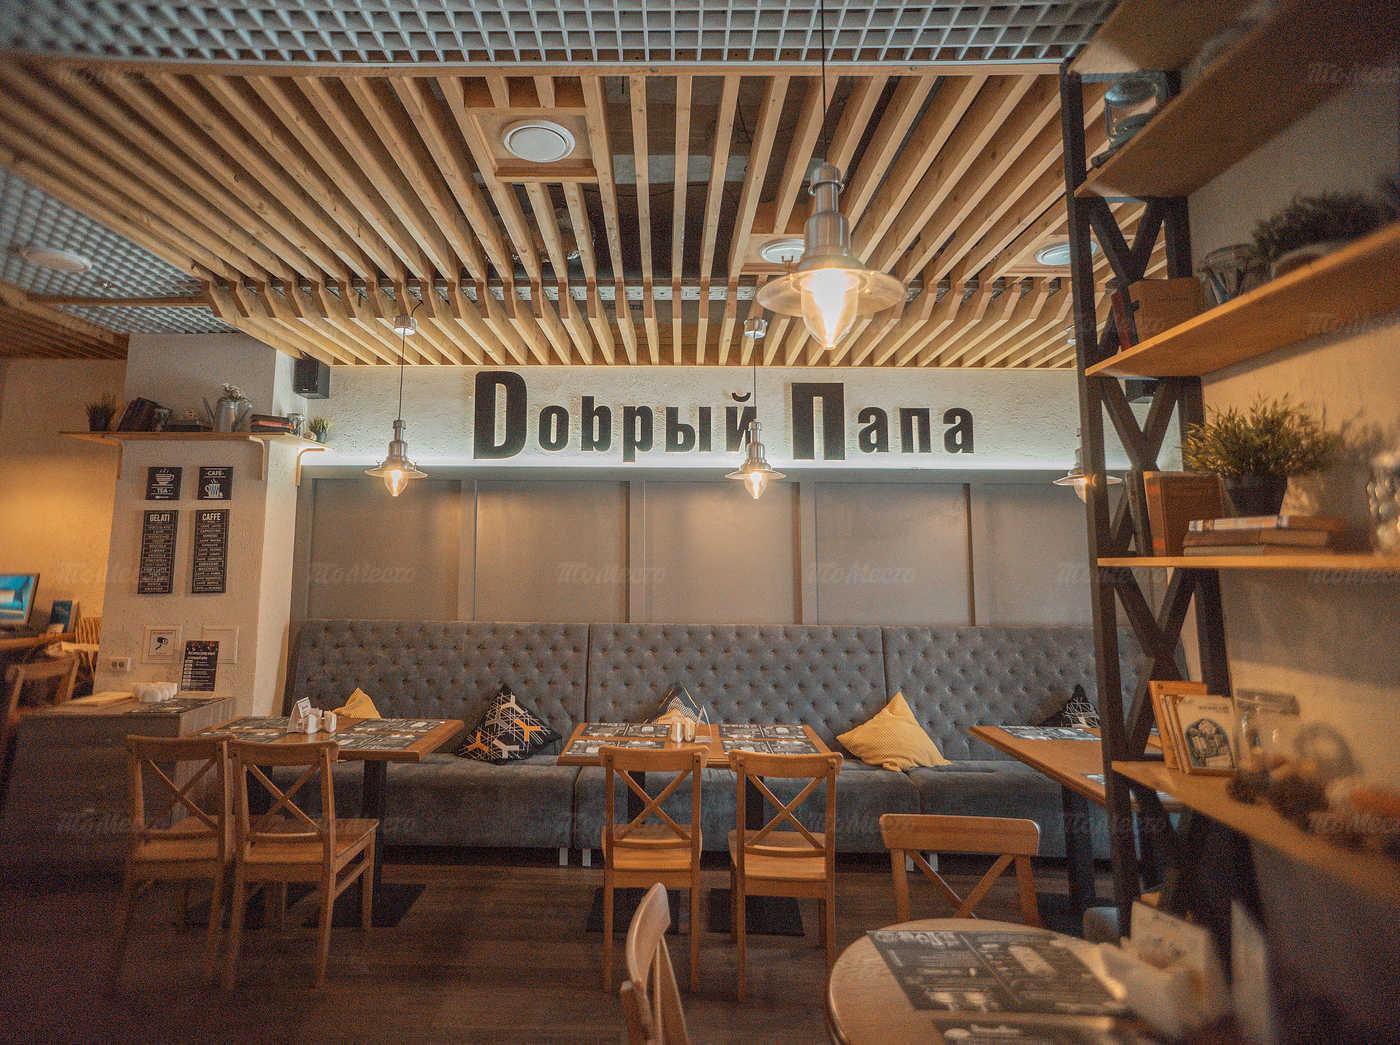 Меню ресторана Добрый Папа (Dobрый Папа) на Петергофском шоссе